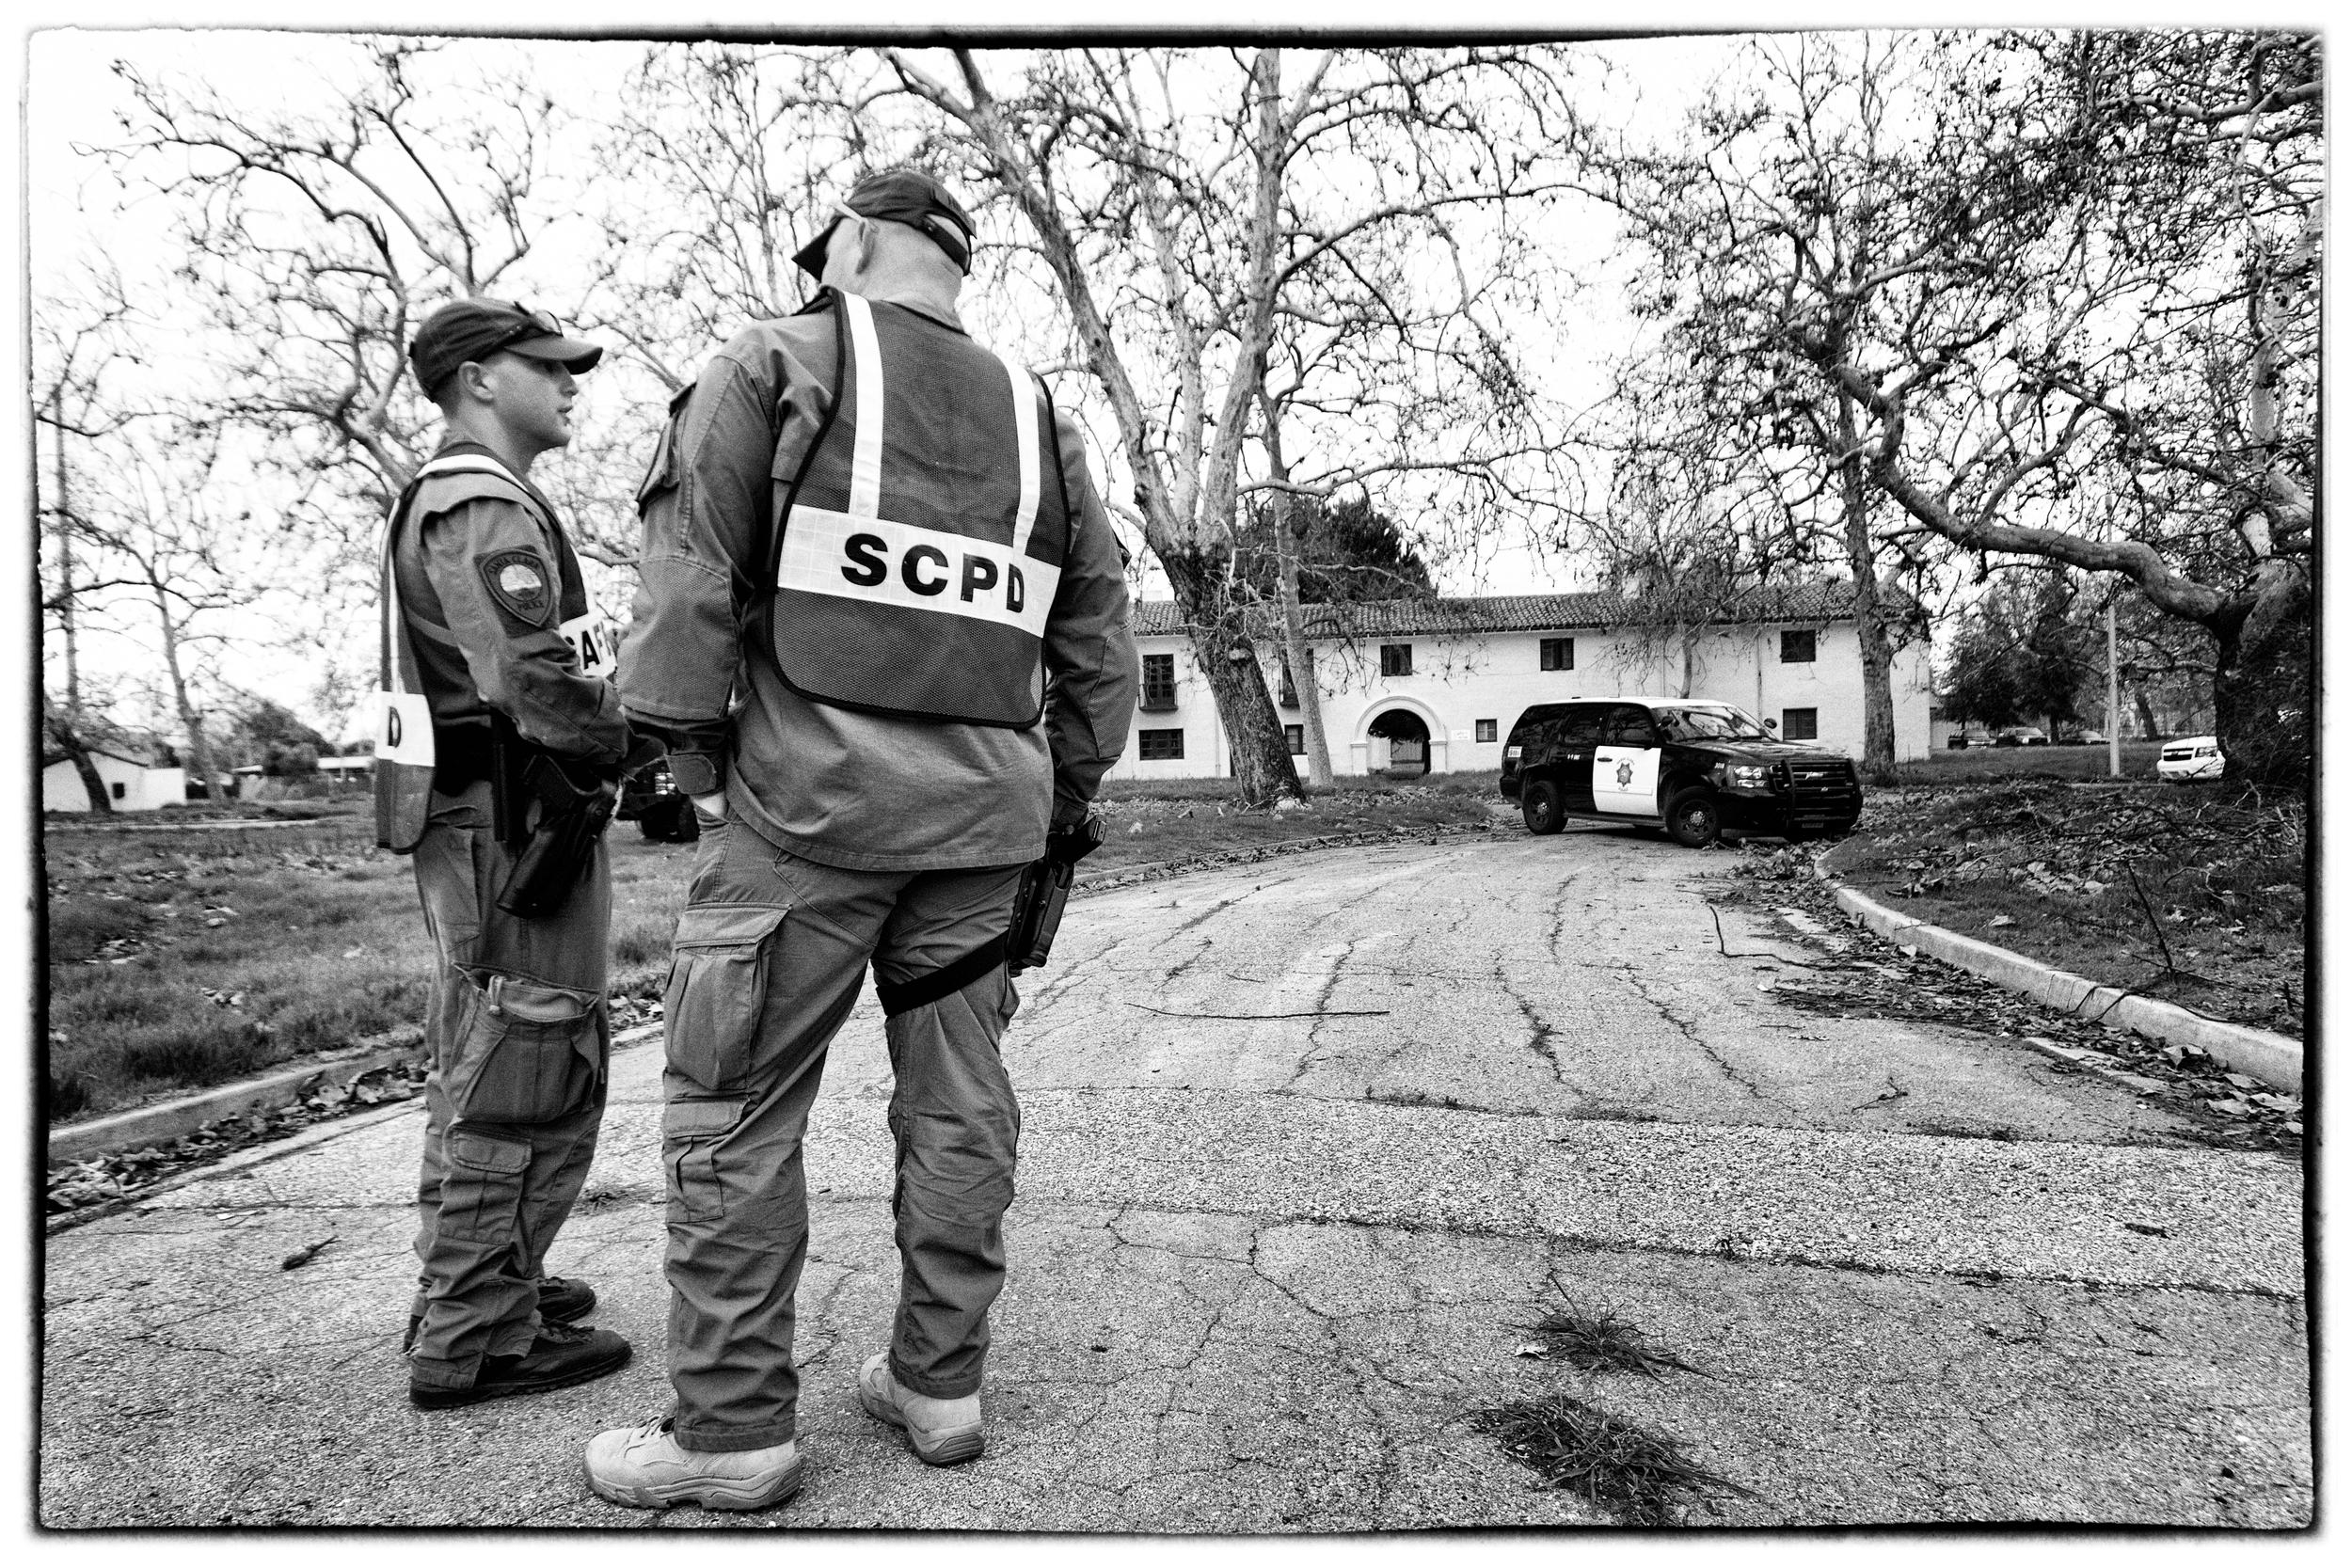 SCPD_SWAT-5.jpg